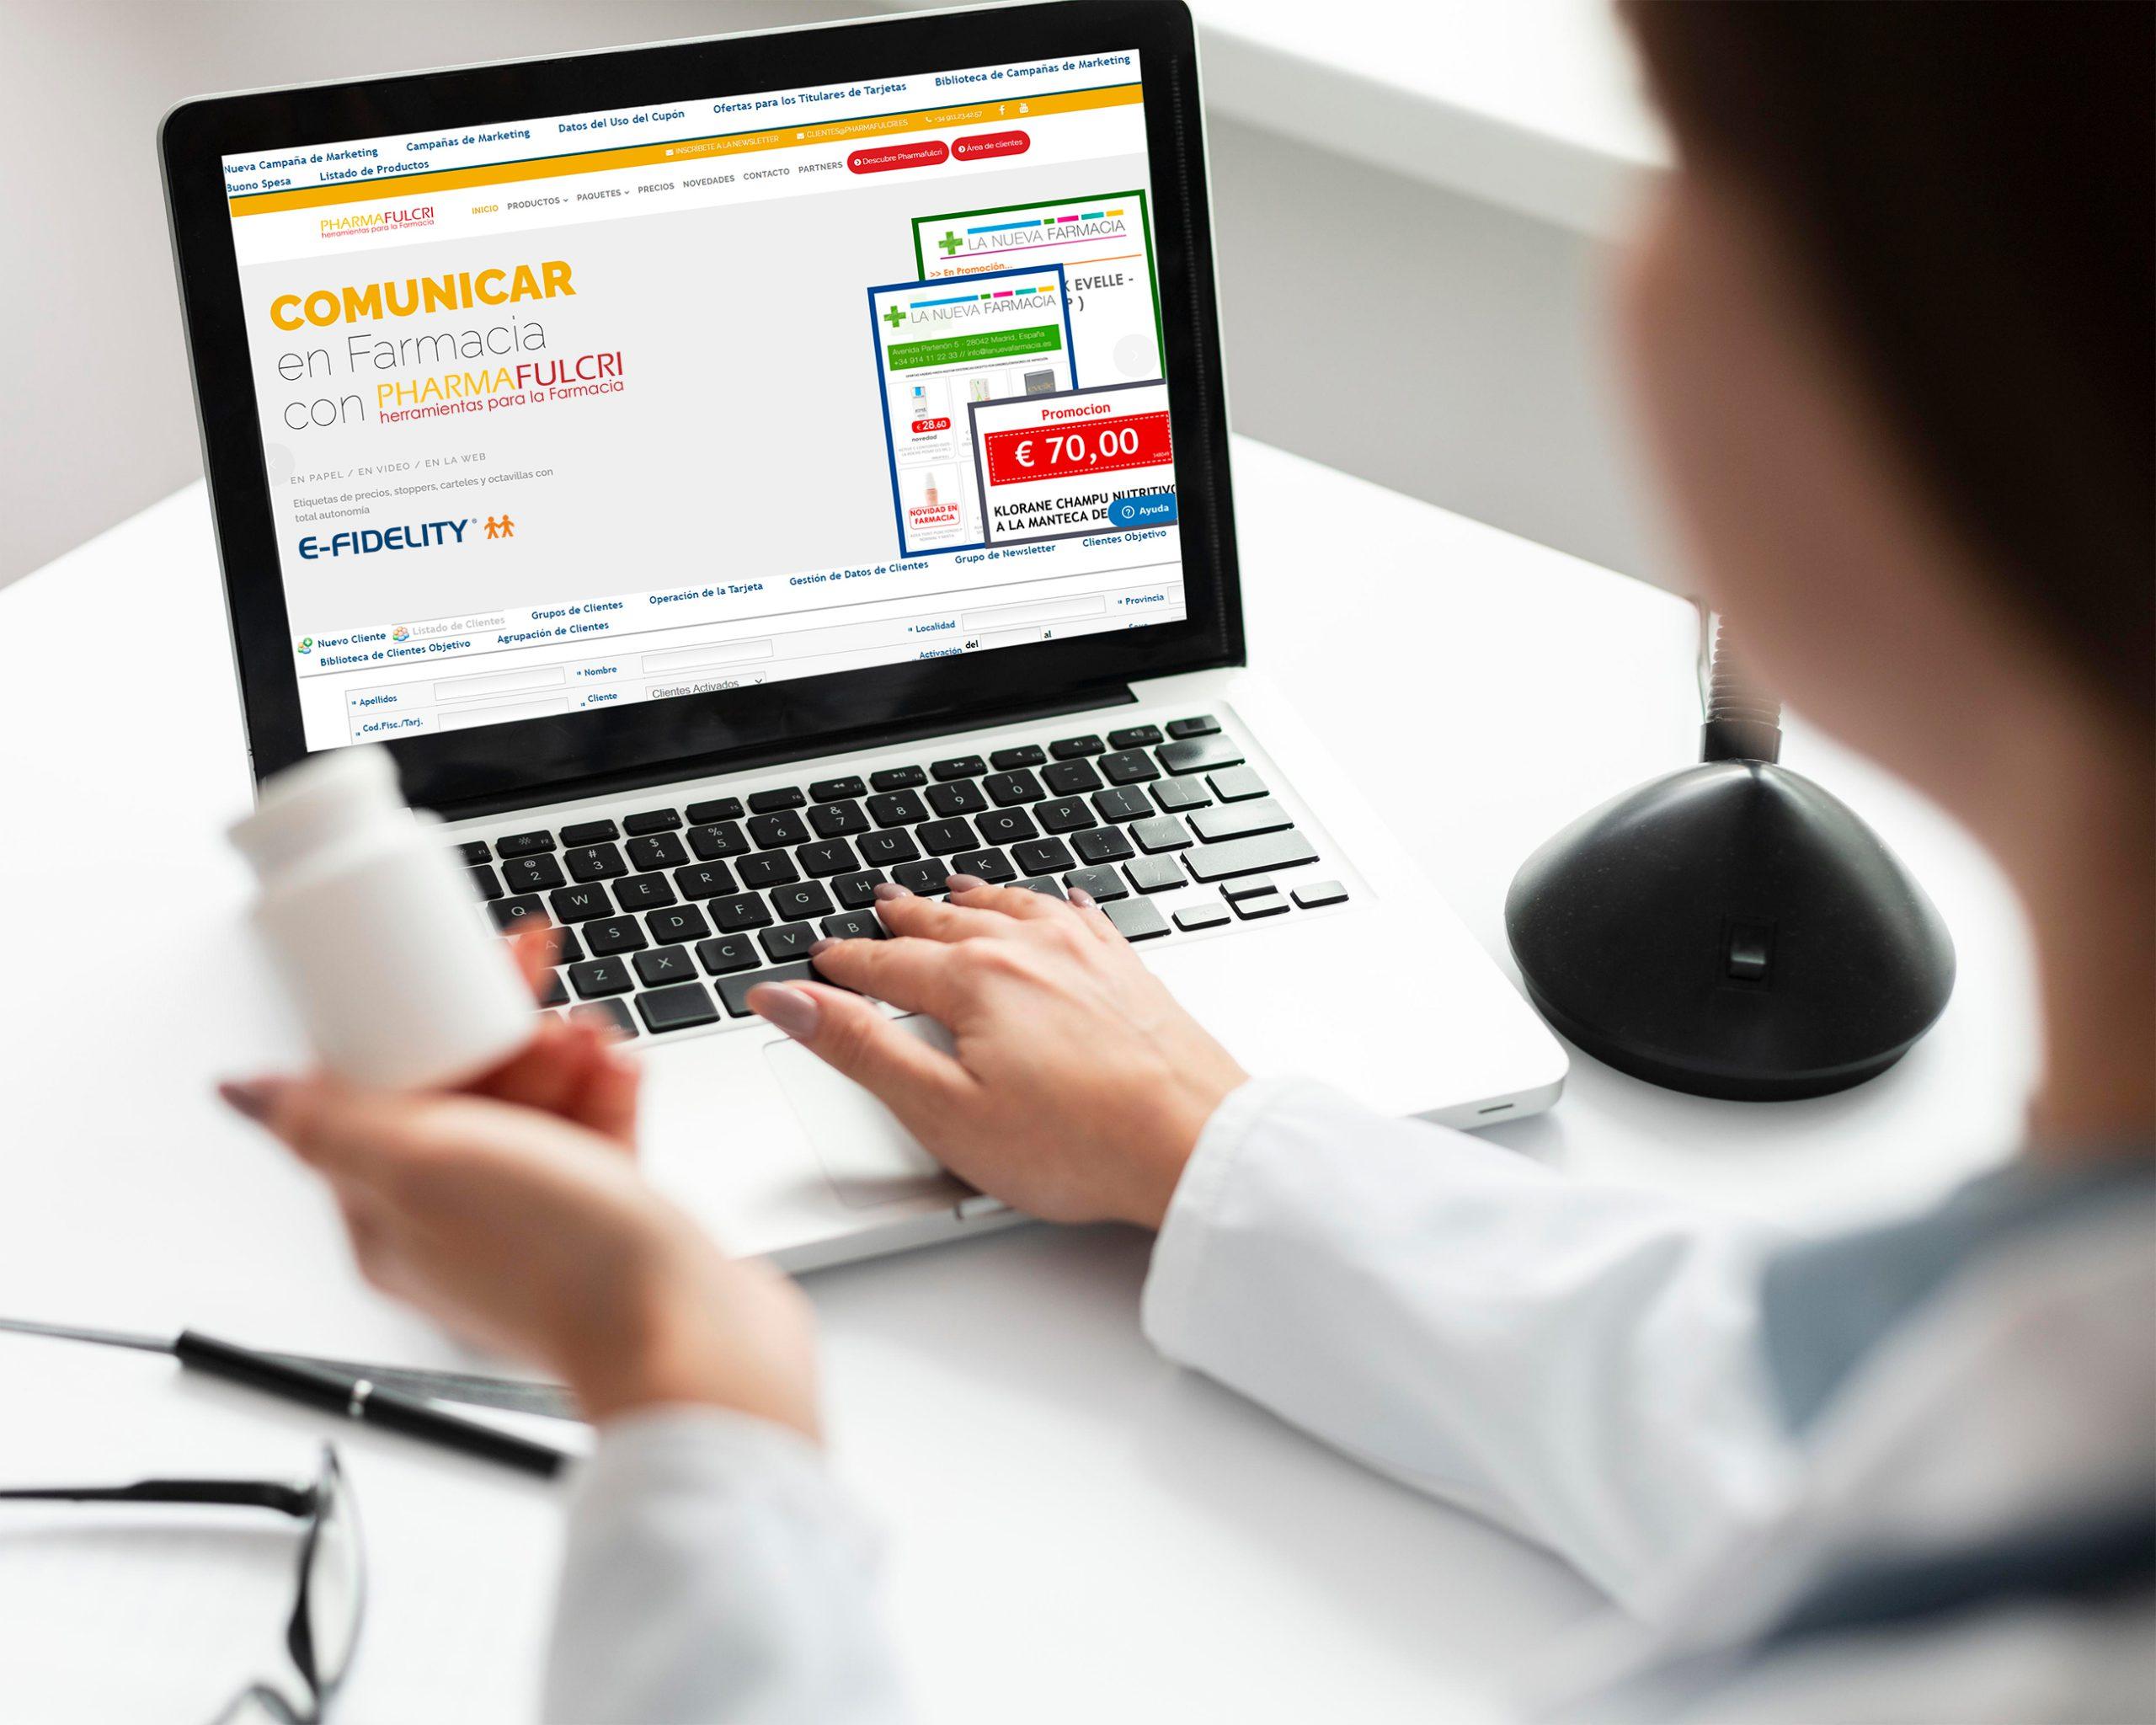 fulcri-marketing-y-comunicacion-para-farmacias-farmacéutica-en-ordenador